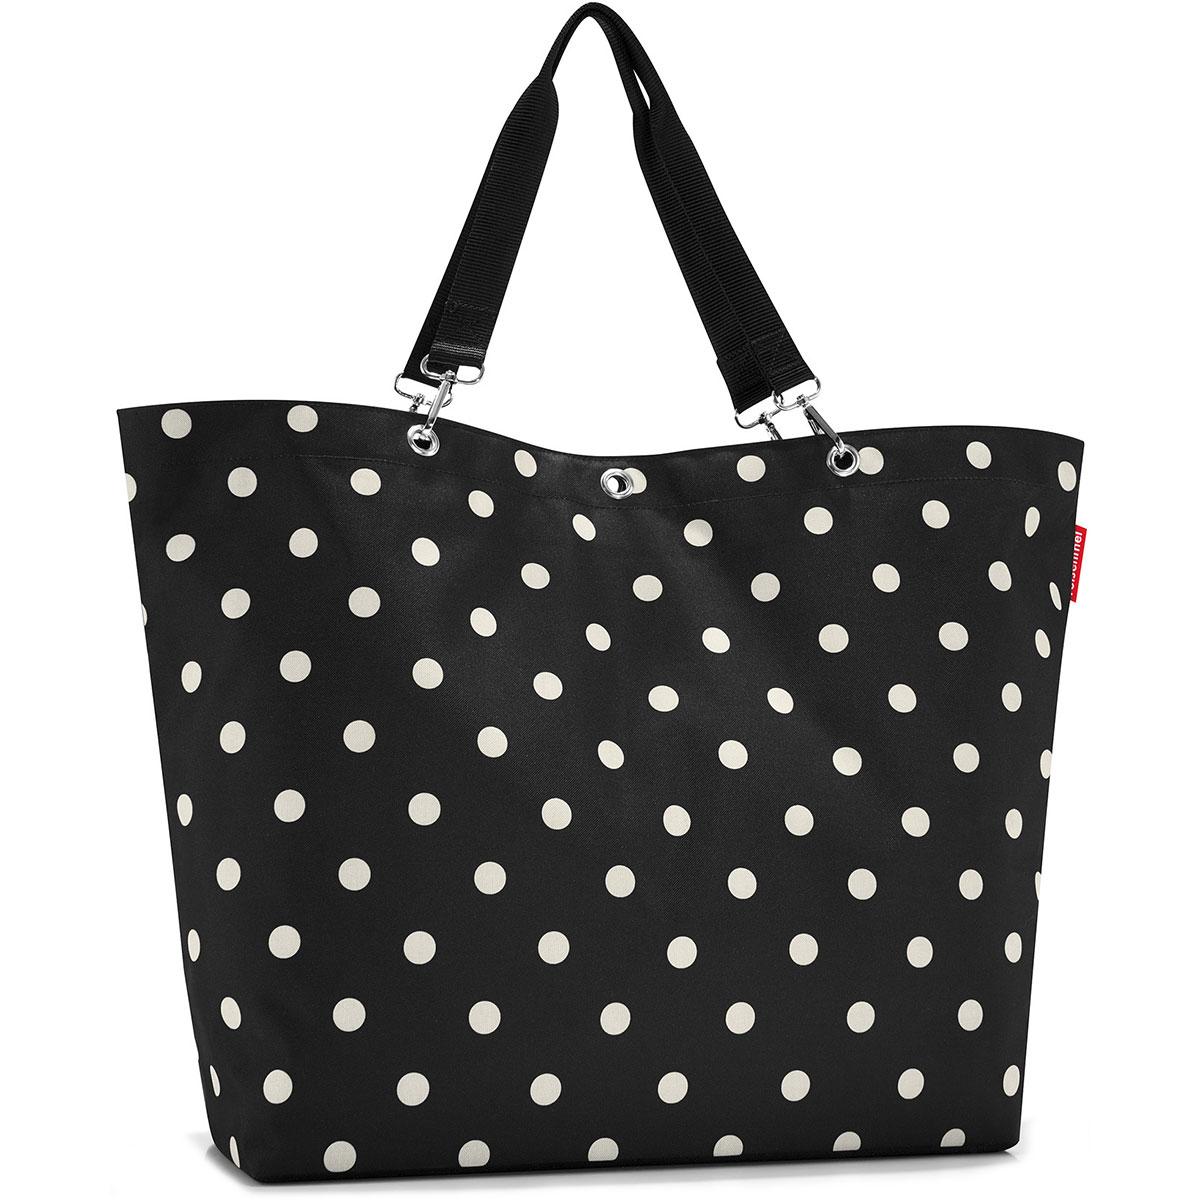 8b7184896c793 Torba na zakupy Reisenthel Shopper XL Mixed Dots